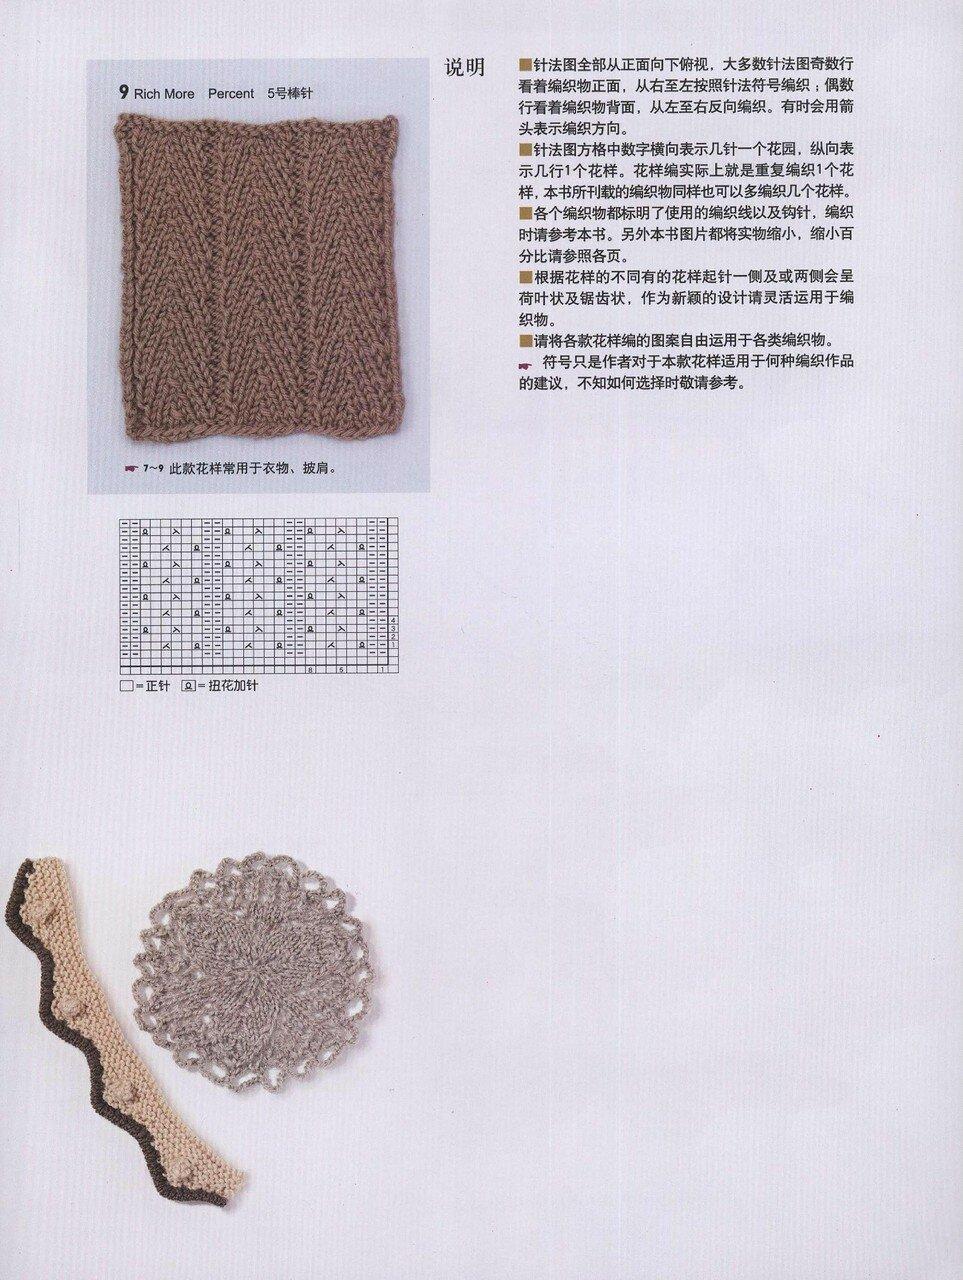 150 Knitting_5.jpg